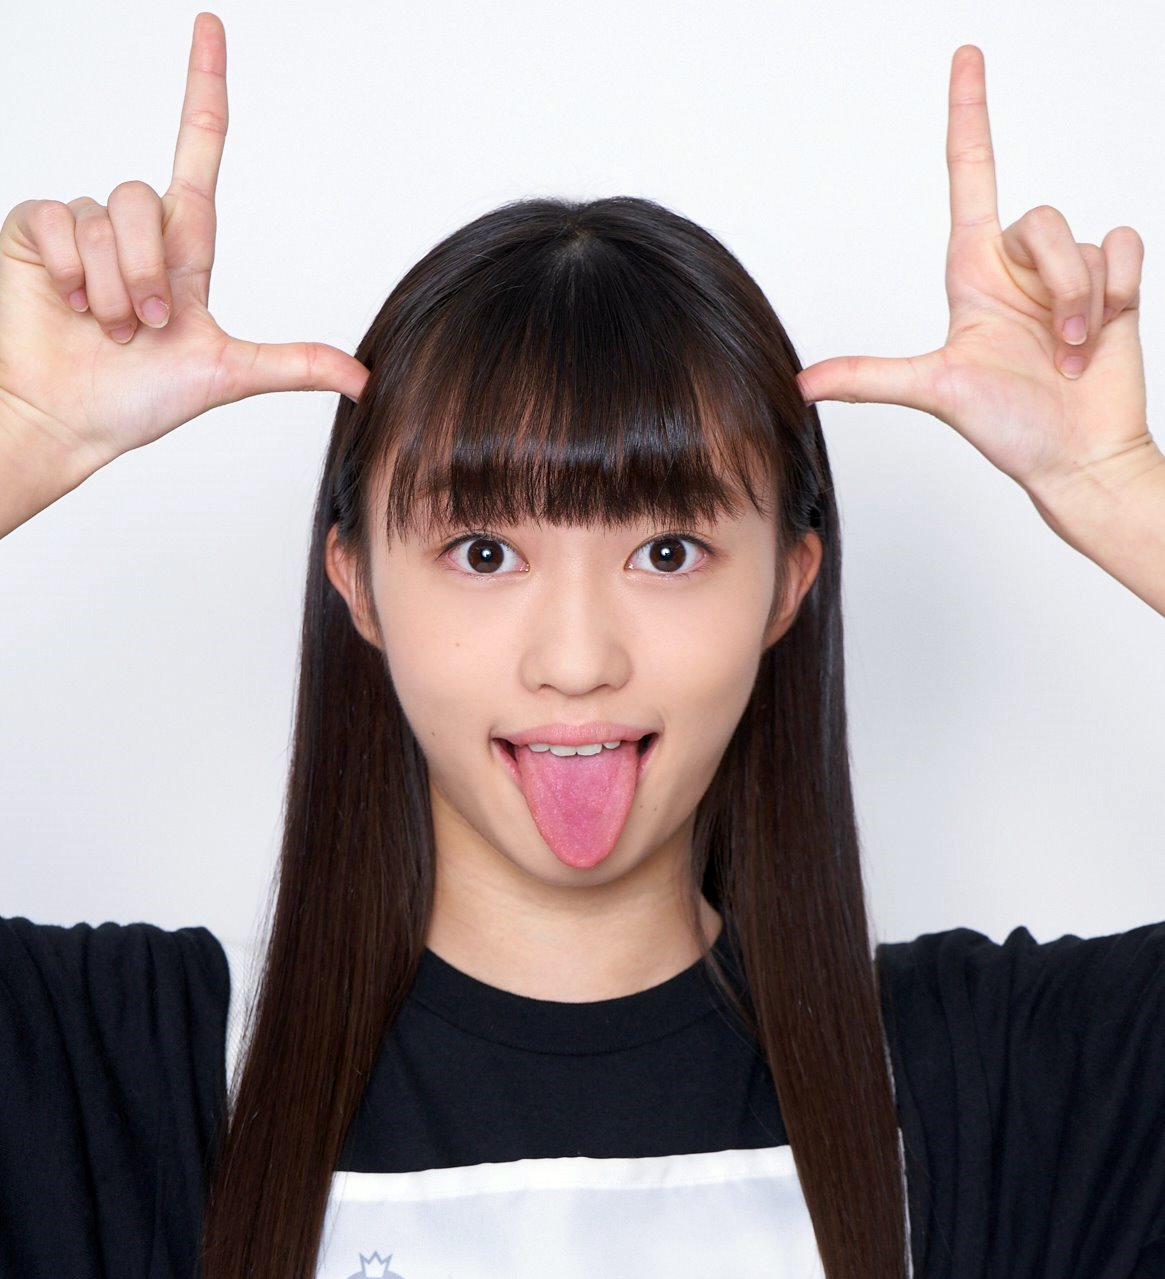 橘花怜の舌まとめ (15)